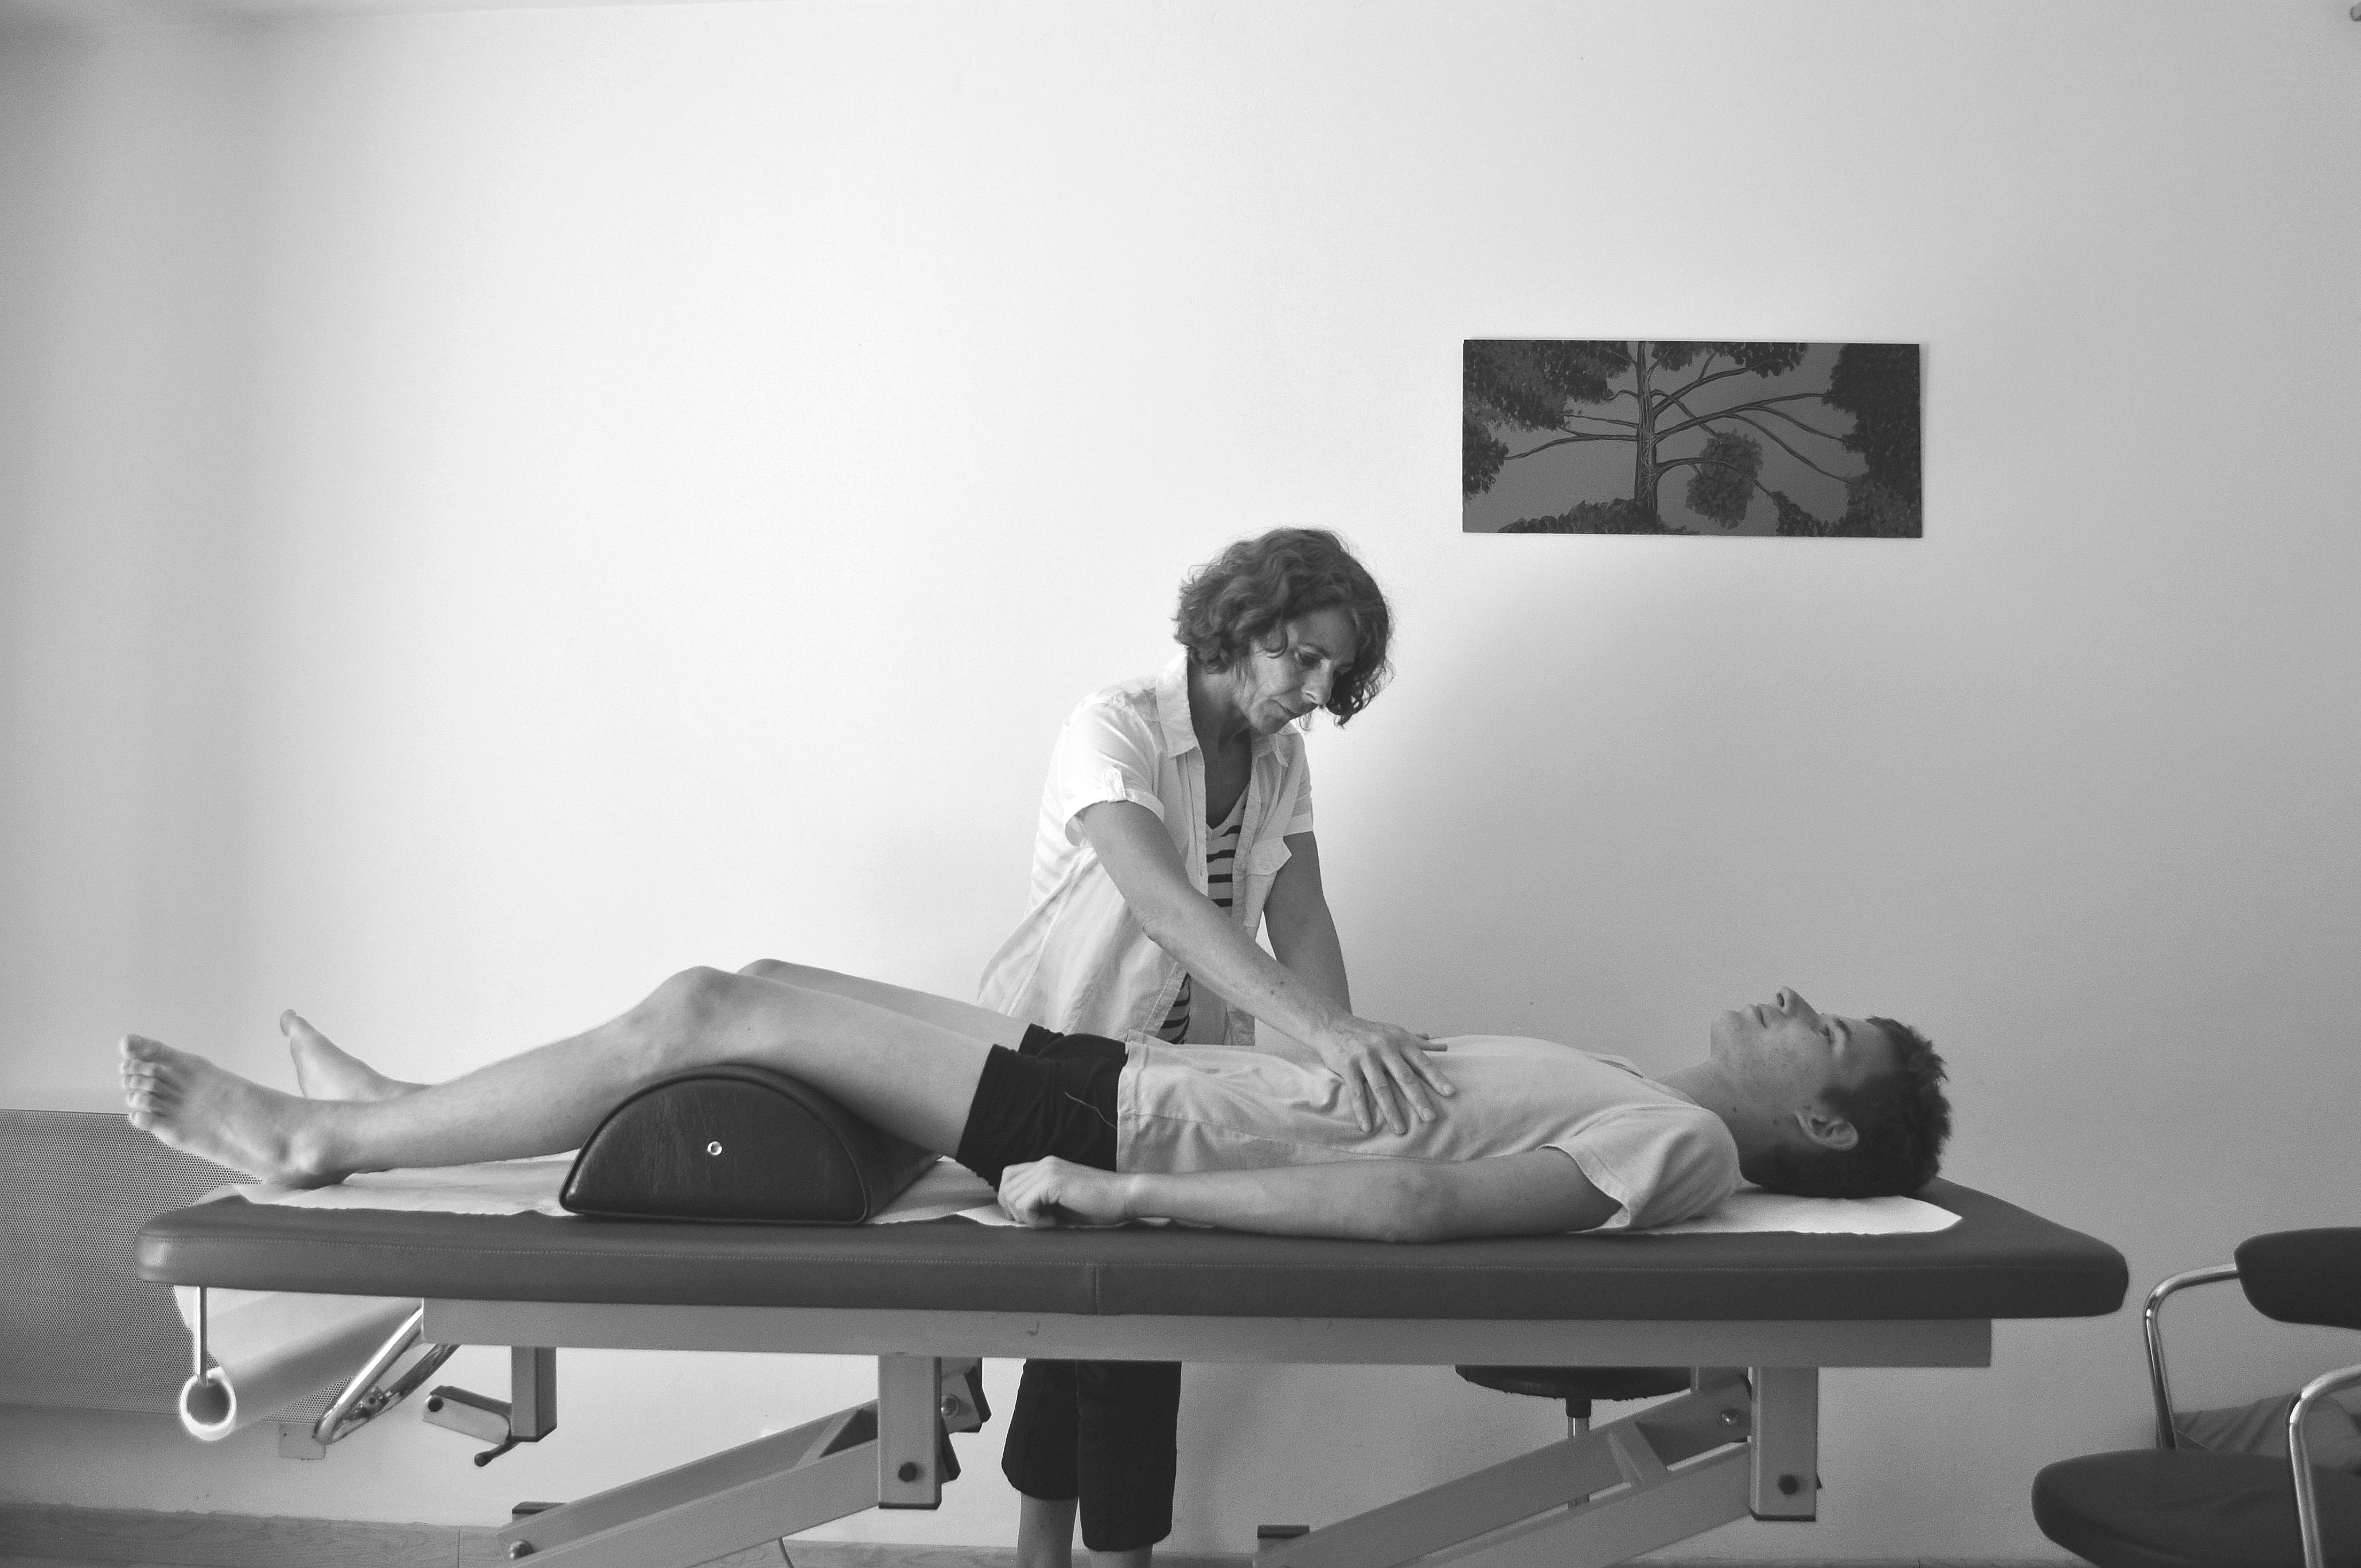 Séance d'ostéopathie au cabinet pour douleurs abdominales